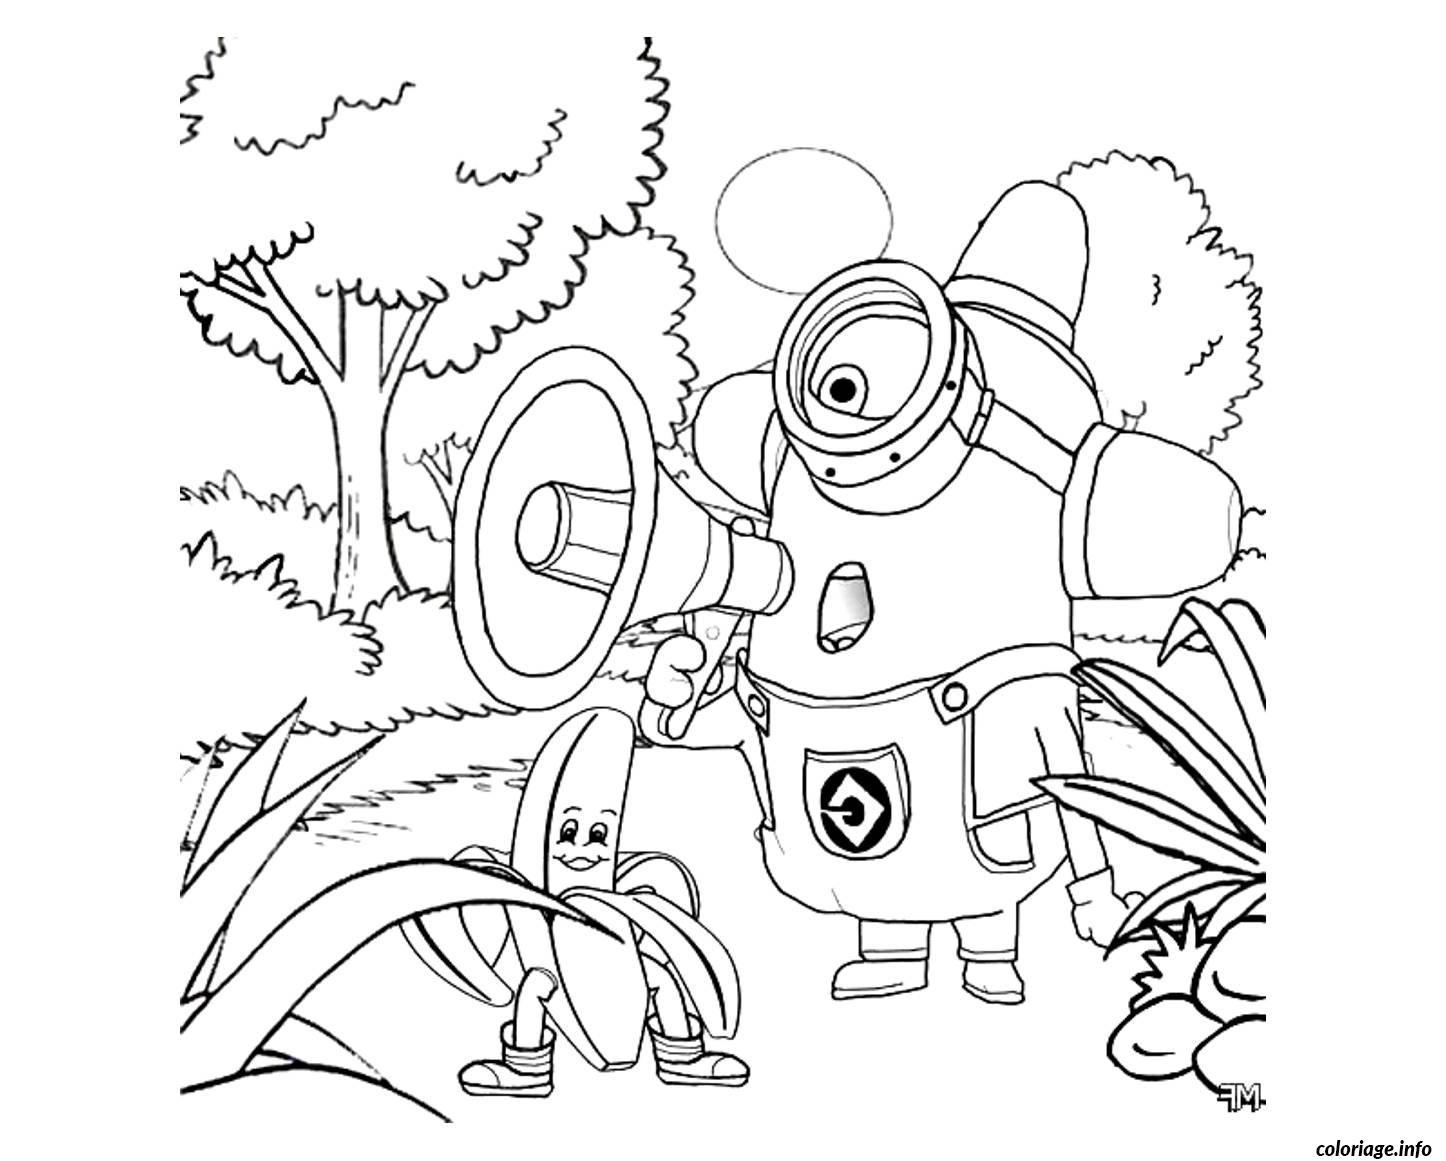 Coloriage dessin minion dans la foret dessin - Dessin des minions ...